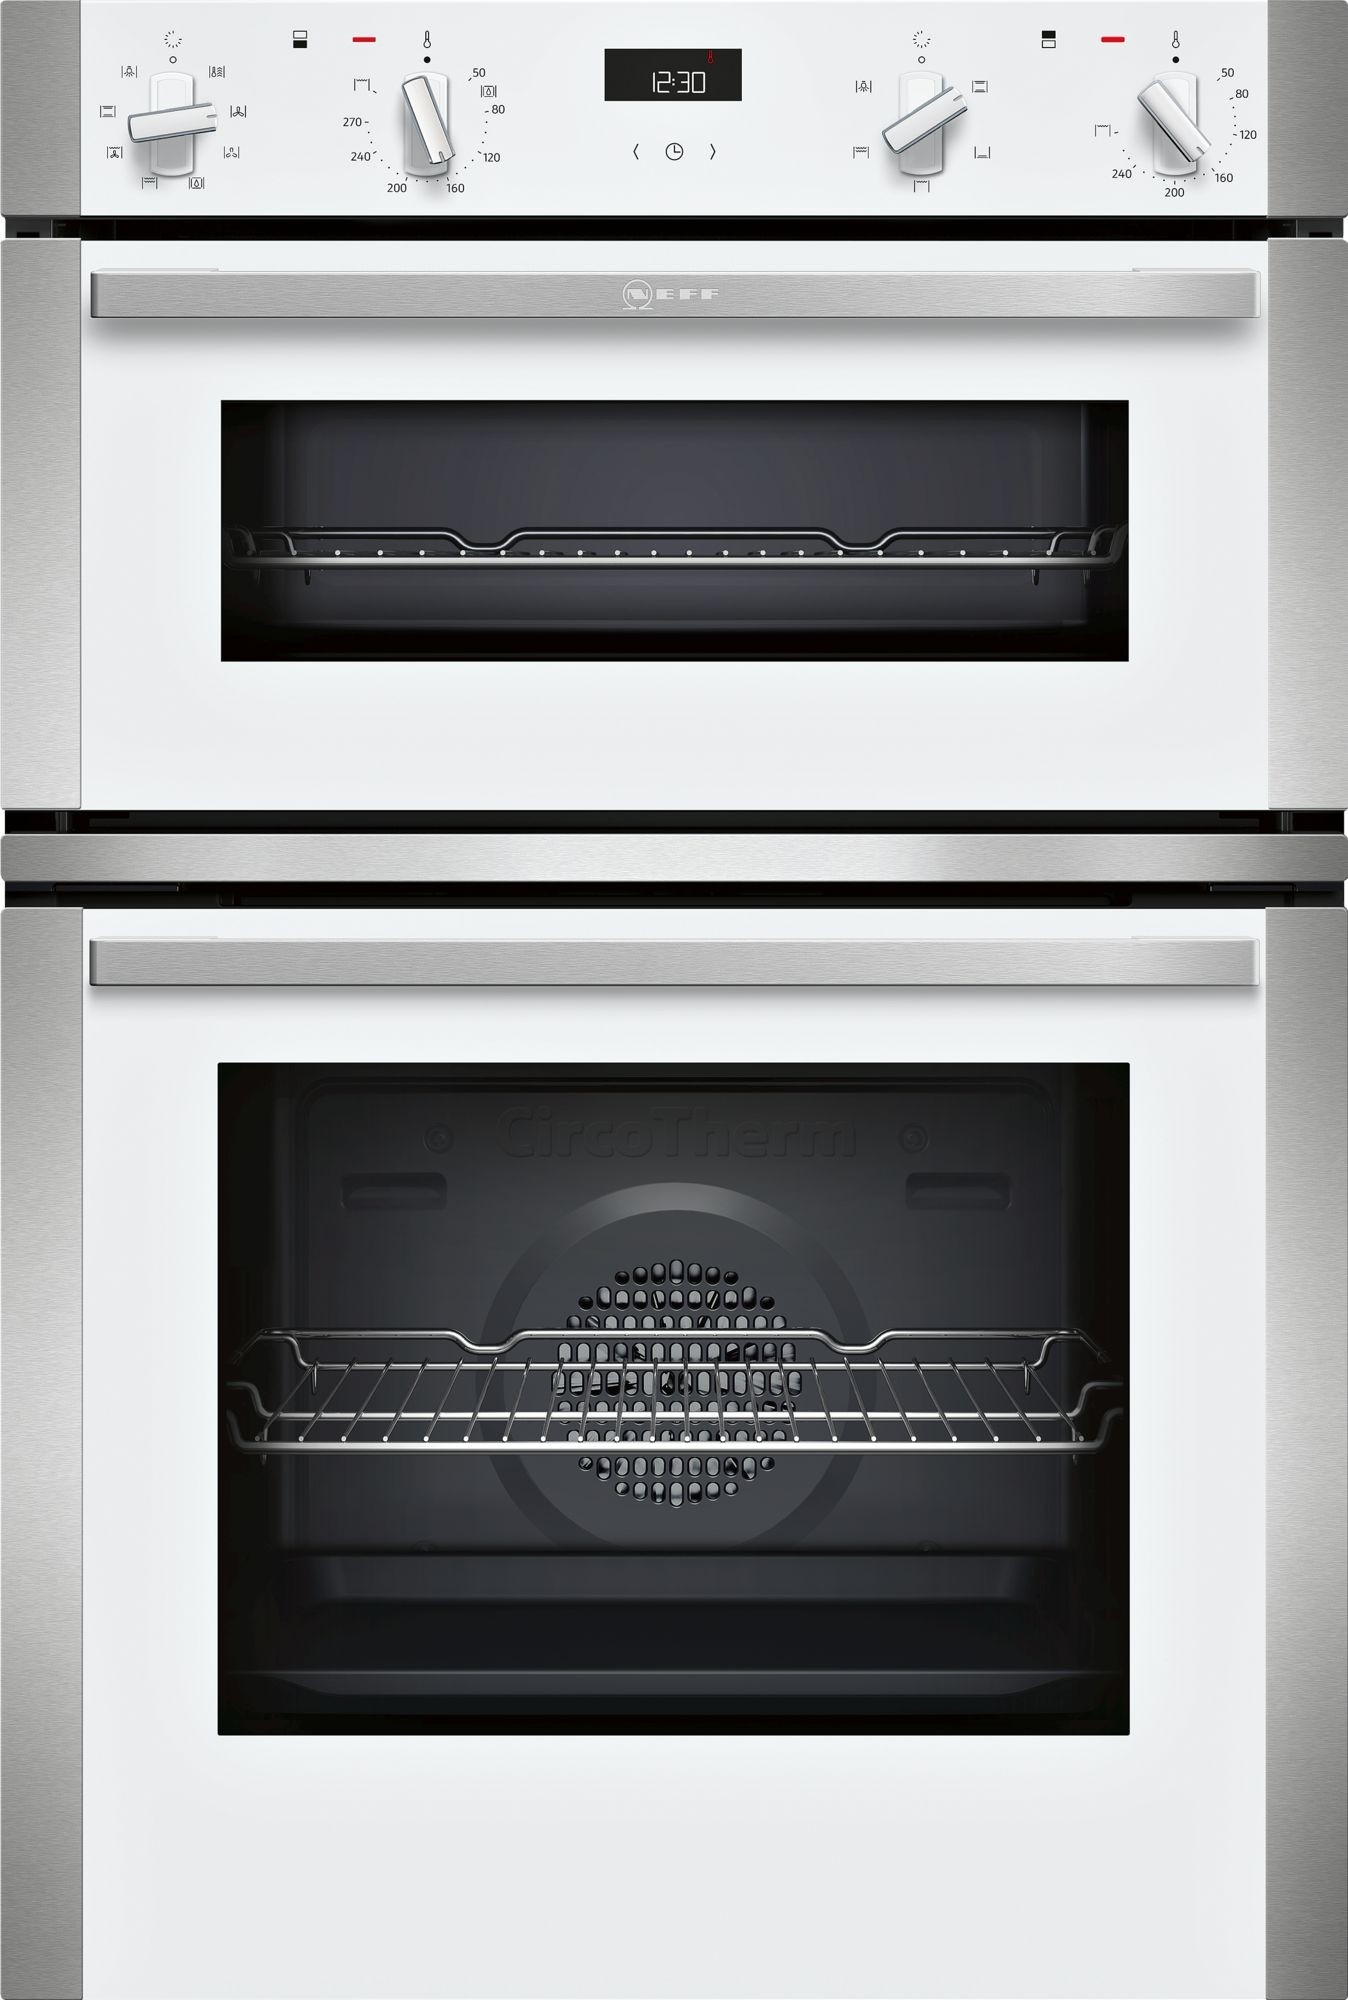 NEFF U1ACE2HW0B Double Oven